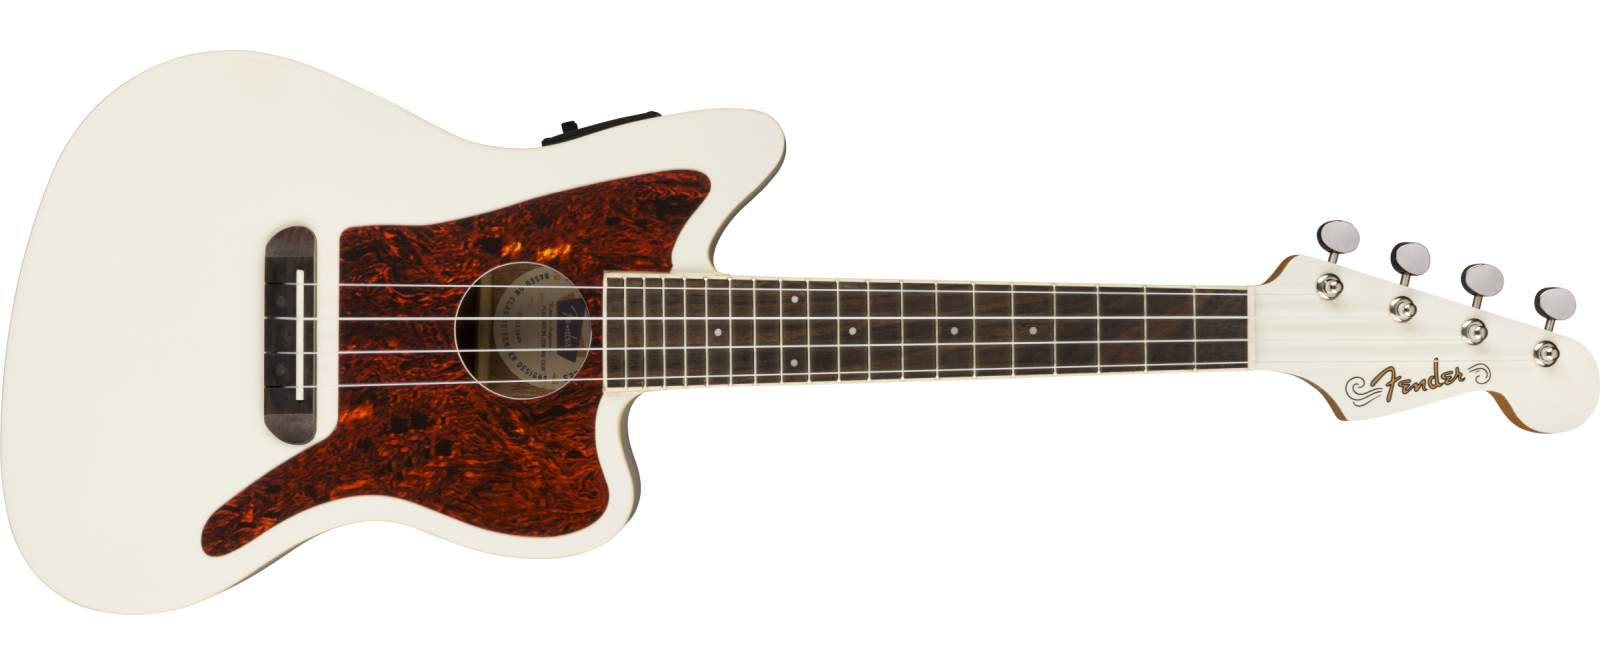 Fender Fullerton Jazzmaster Ukulele OWT